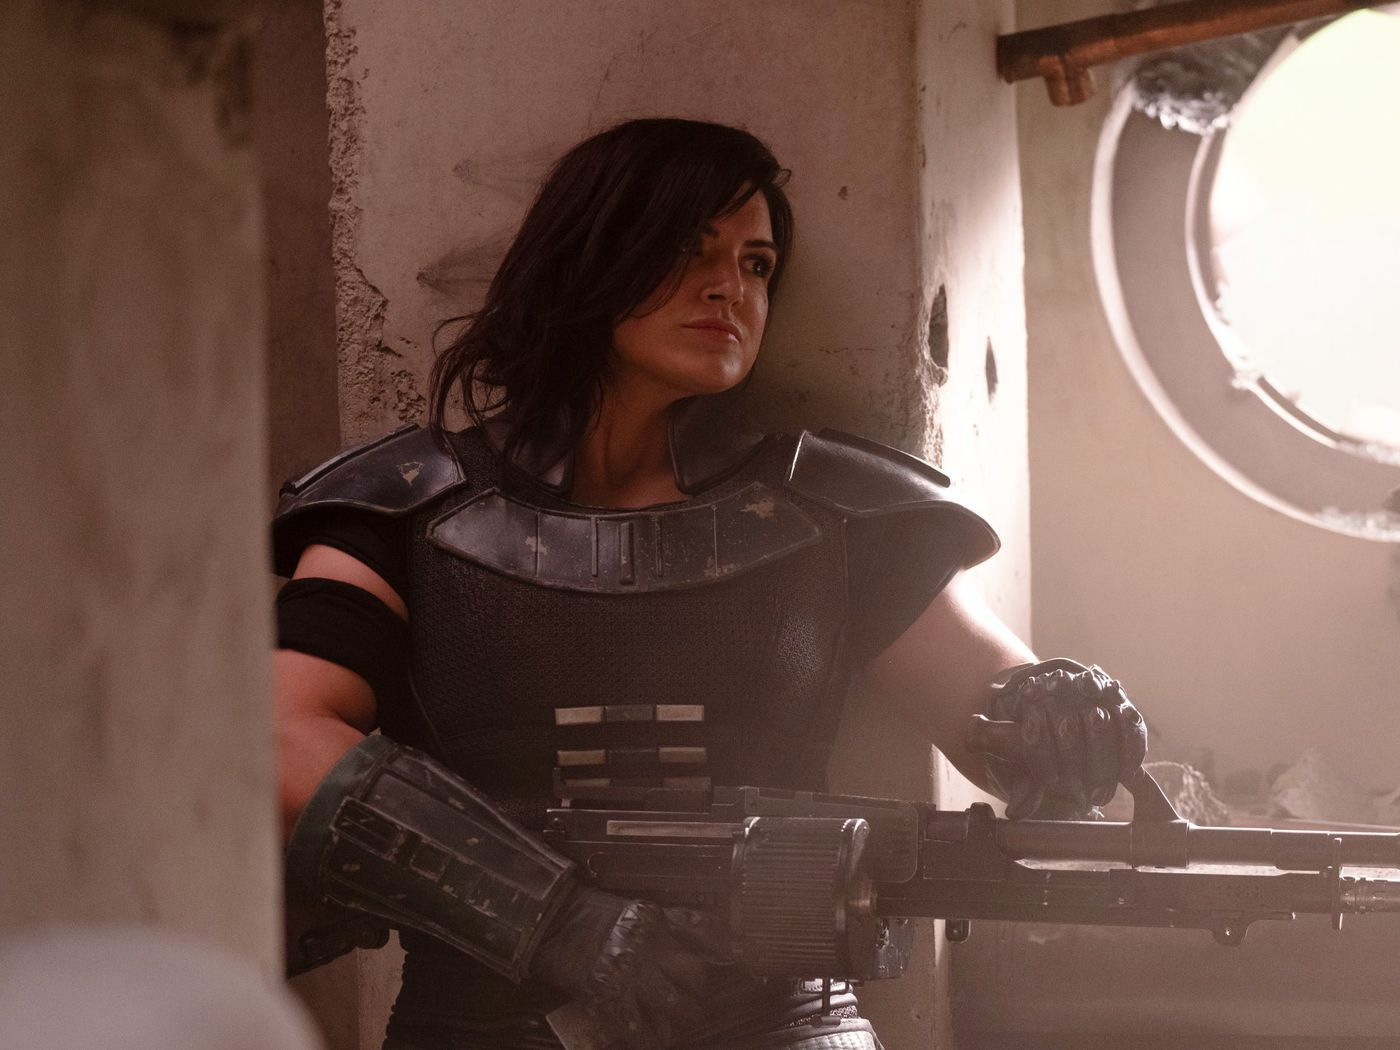 Cara Dune (Gina Carano) slår stenhårt, men ibland förlitar hon sig på sin stora bössa! Foto: Disney+.